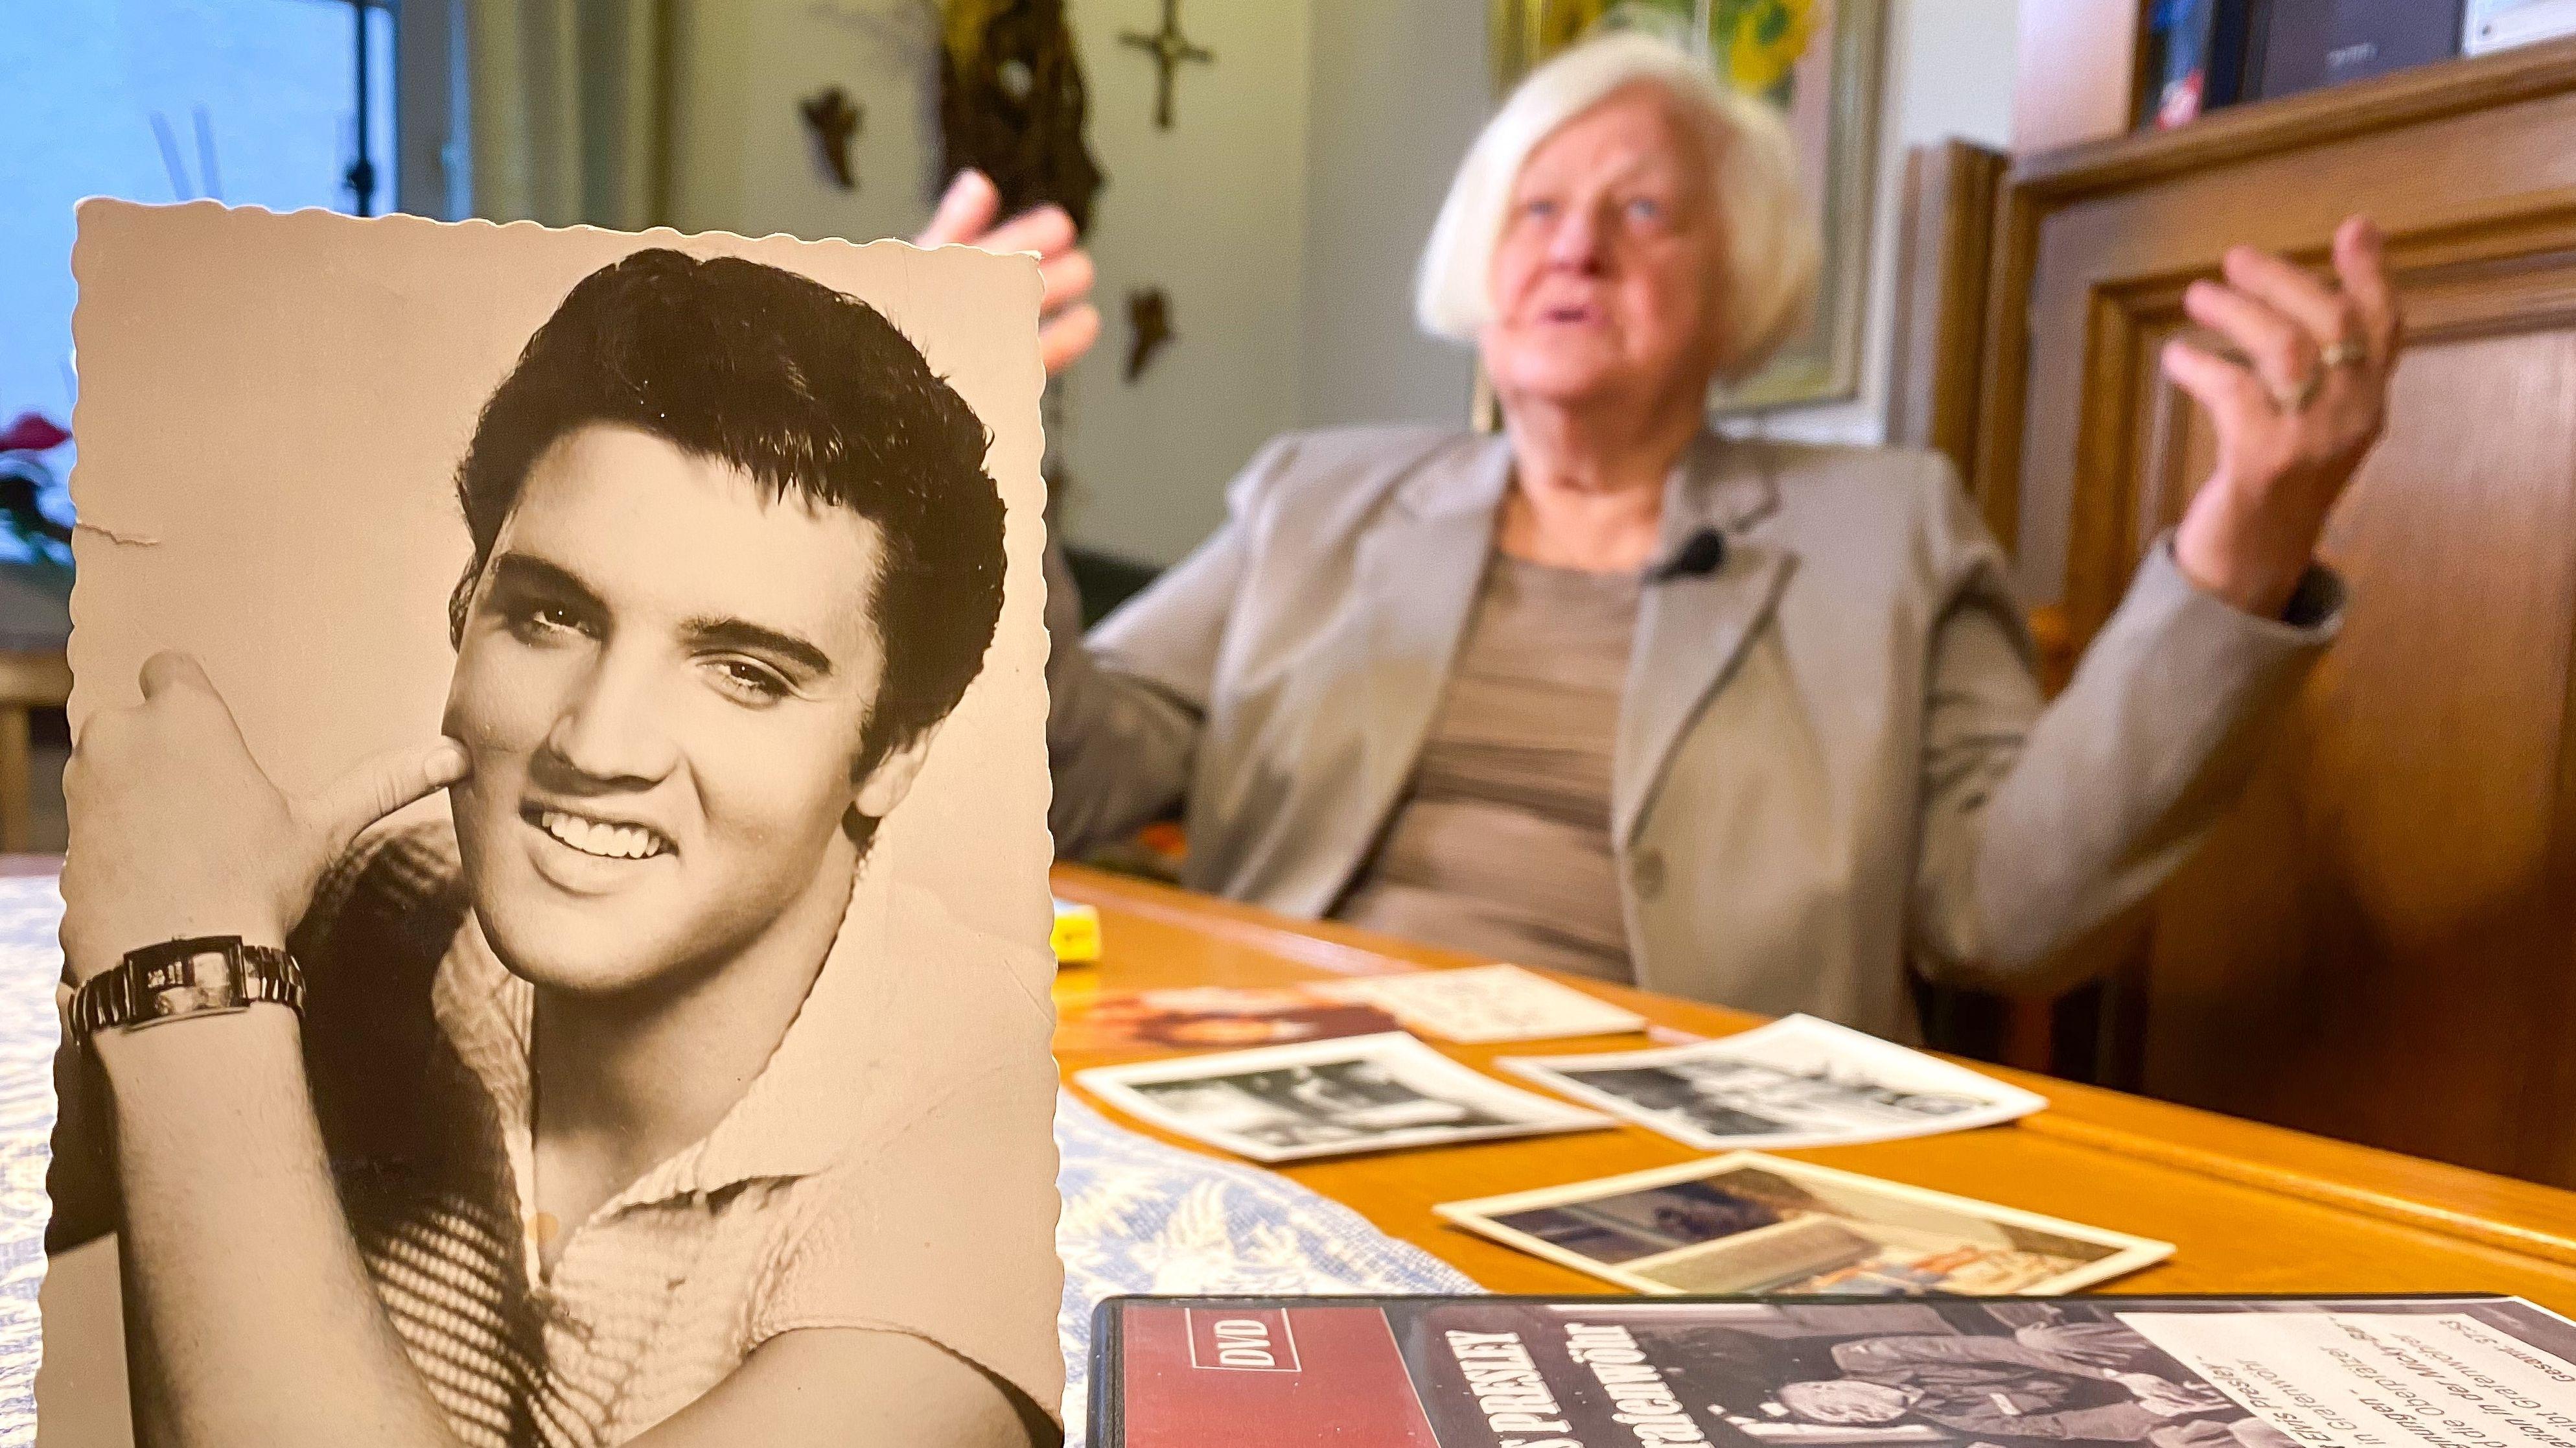 Gisela Zechmayer aus Grafenwöhr lernte Elvis Presley in ihrer Jugendzeit kennen.